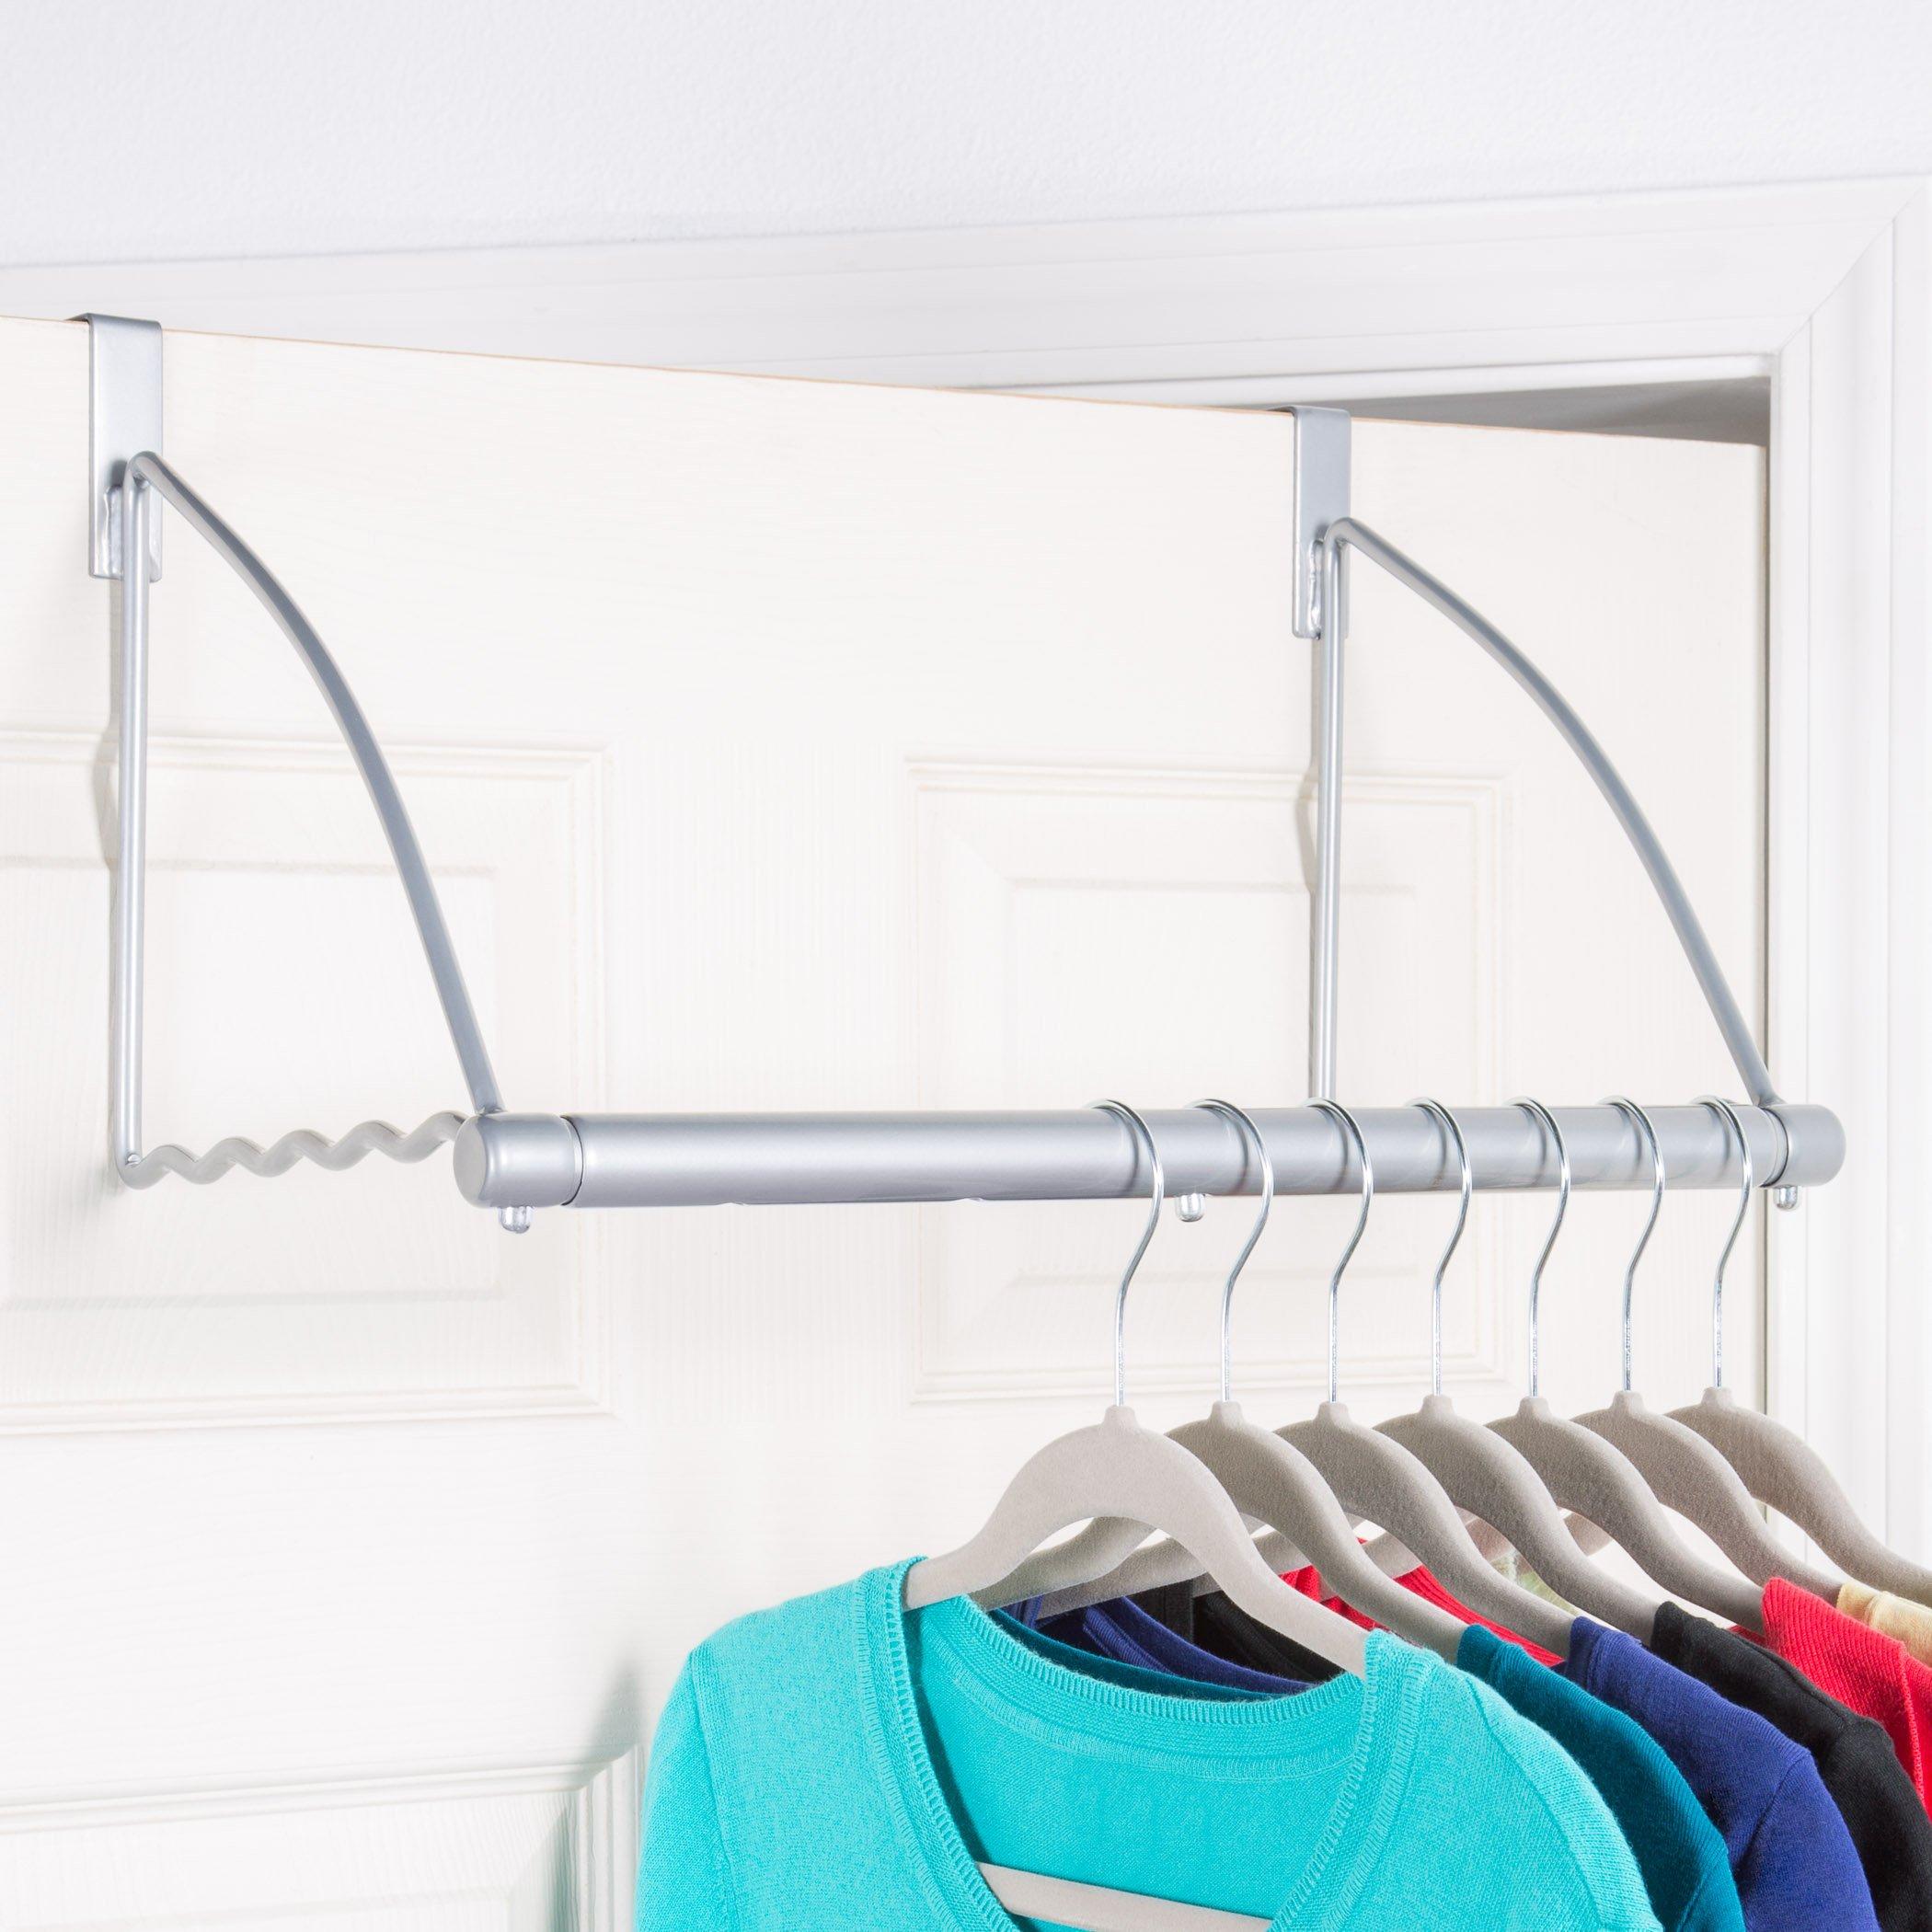 Over The Door Closet Rod Multifunctional Over The Door Clothes